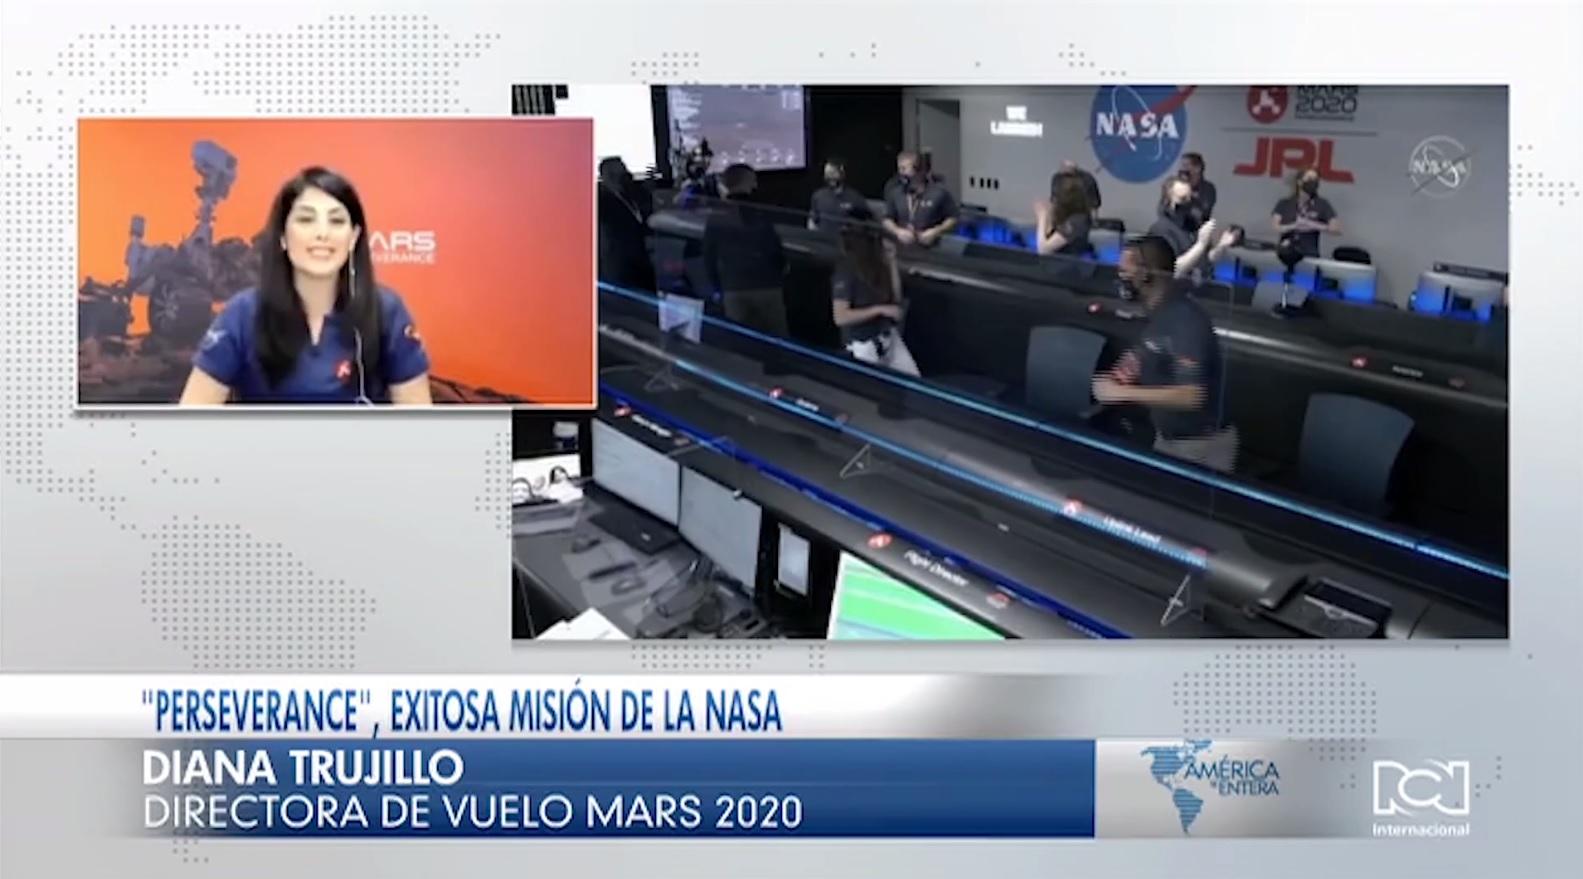 Colombiana Diana Trujillo fue protagonista en el exitoso aterrizaje de la misión Perseverance en Marte